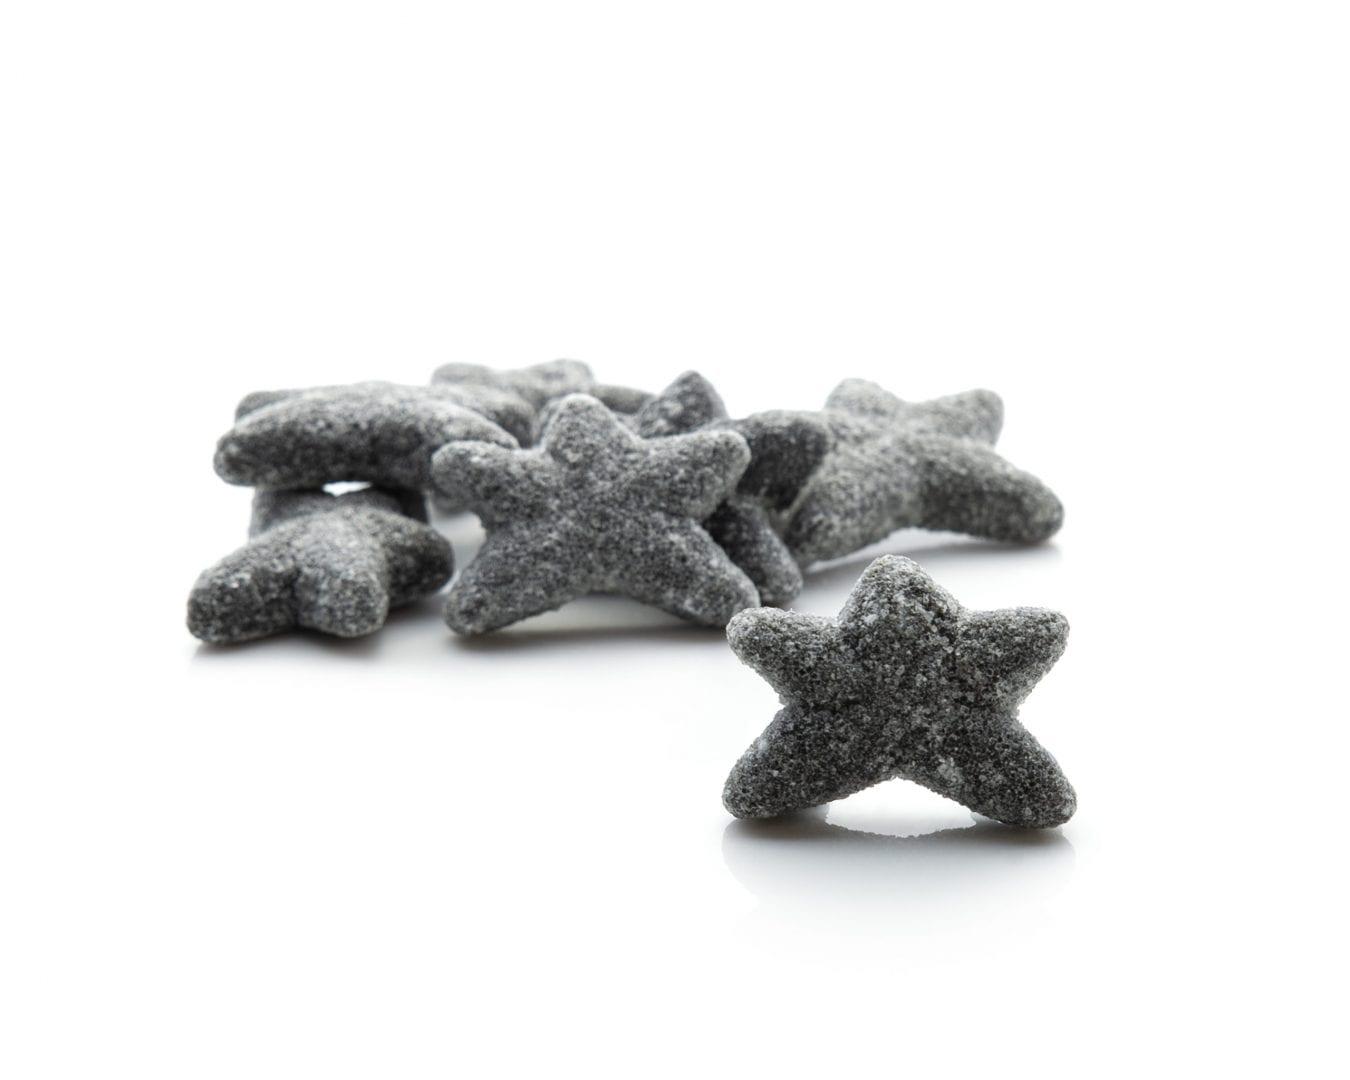 Eat Liquorice - Salted Sea Stars Dutch Liquorice Gluten Free Salt Liquorice Soft Liquorice